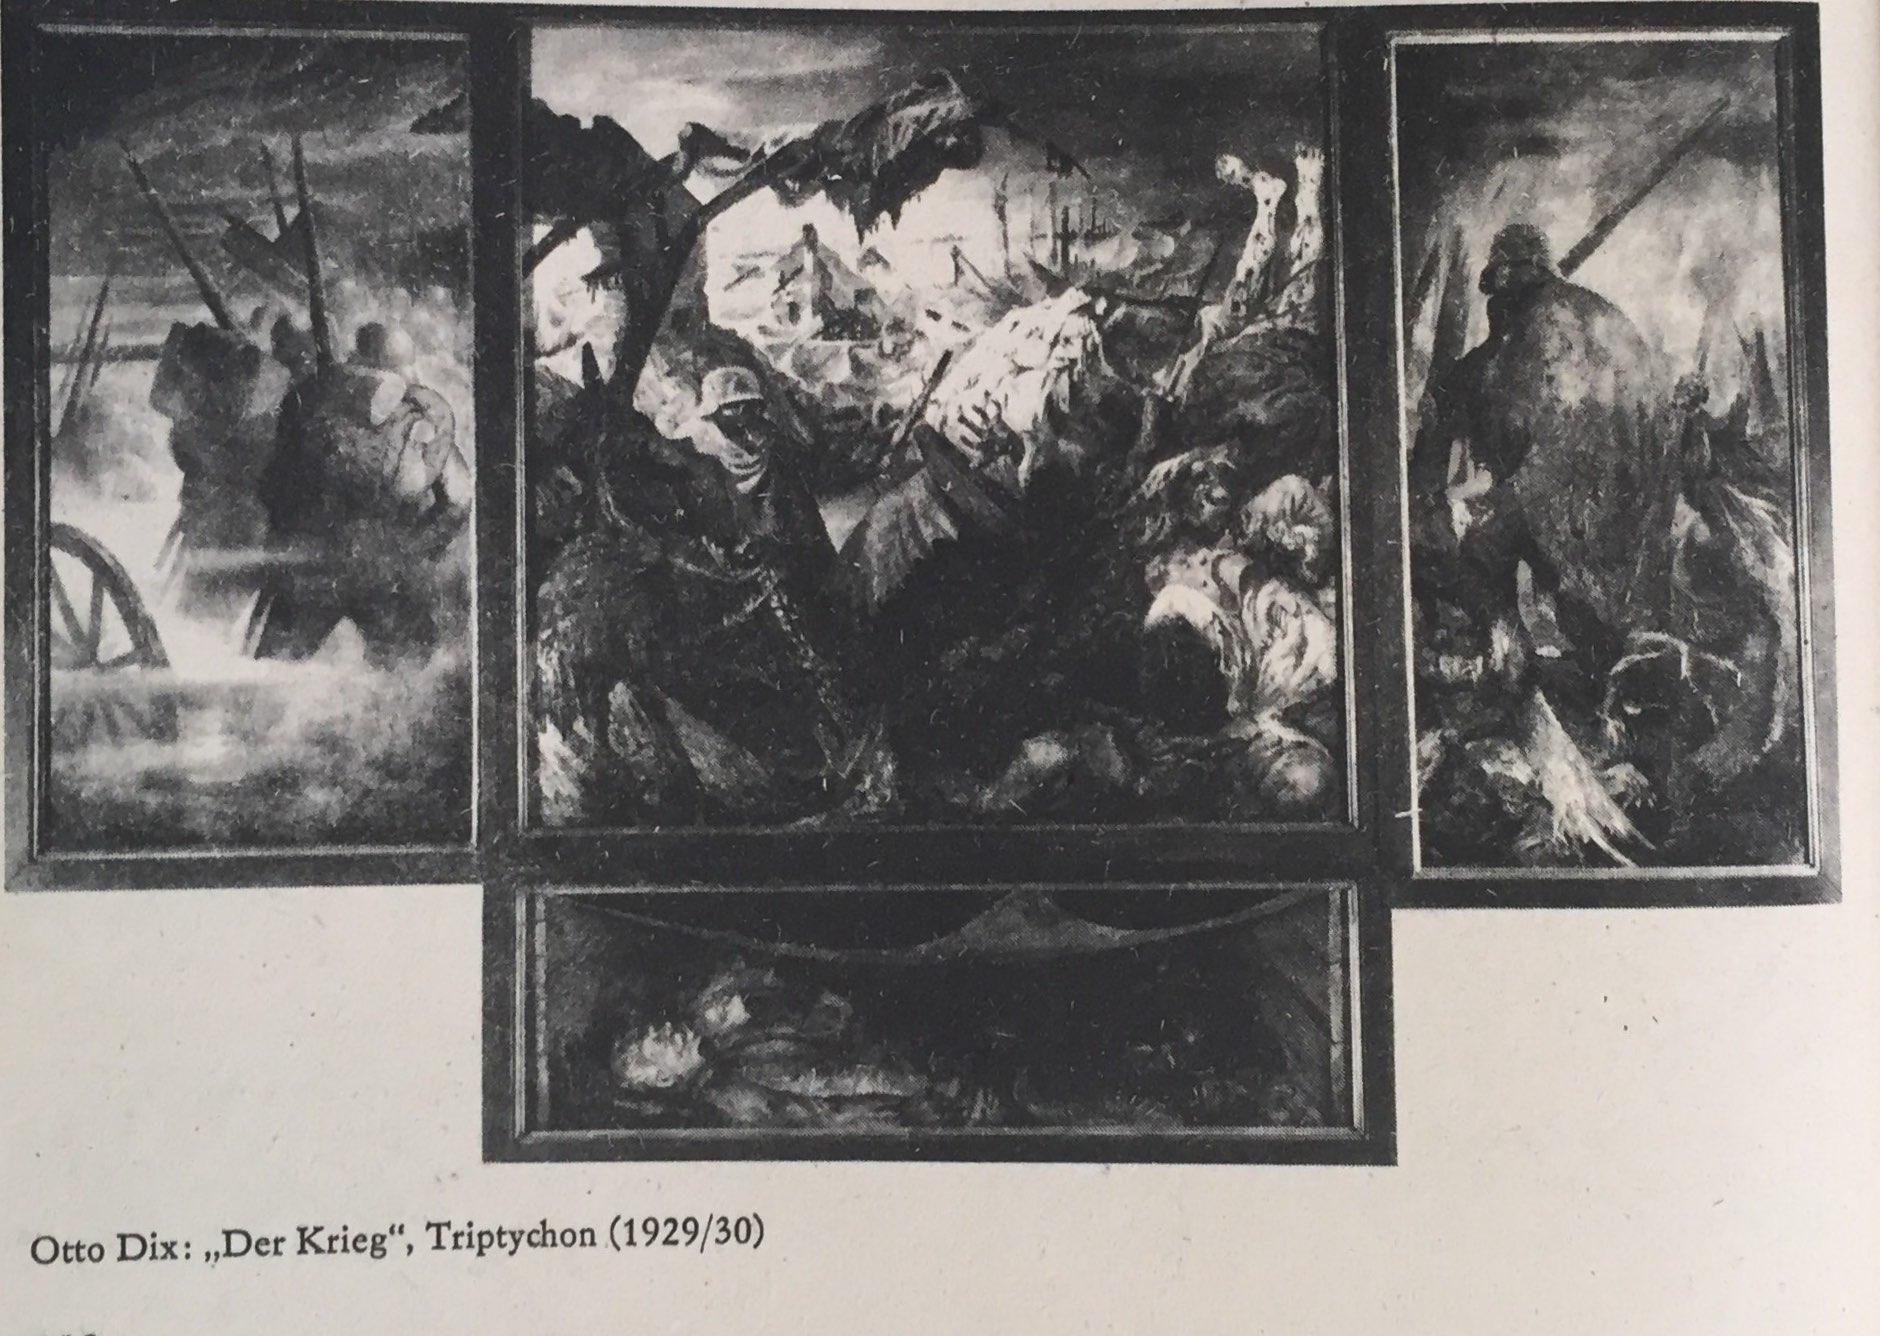 Otto Dix Der Krieg